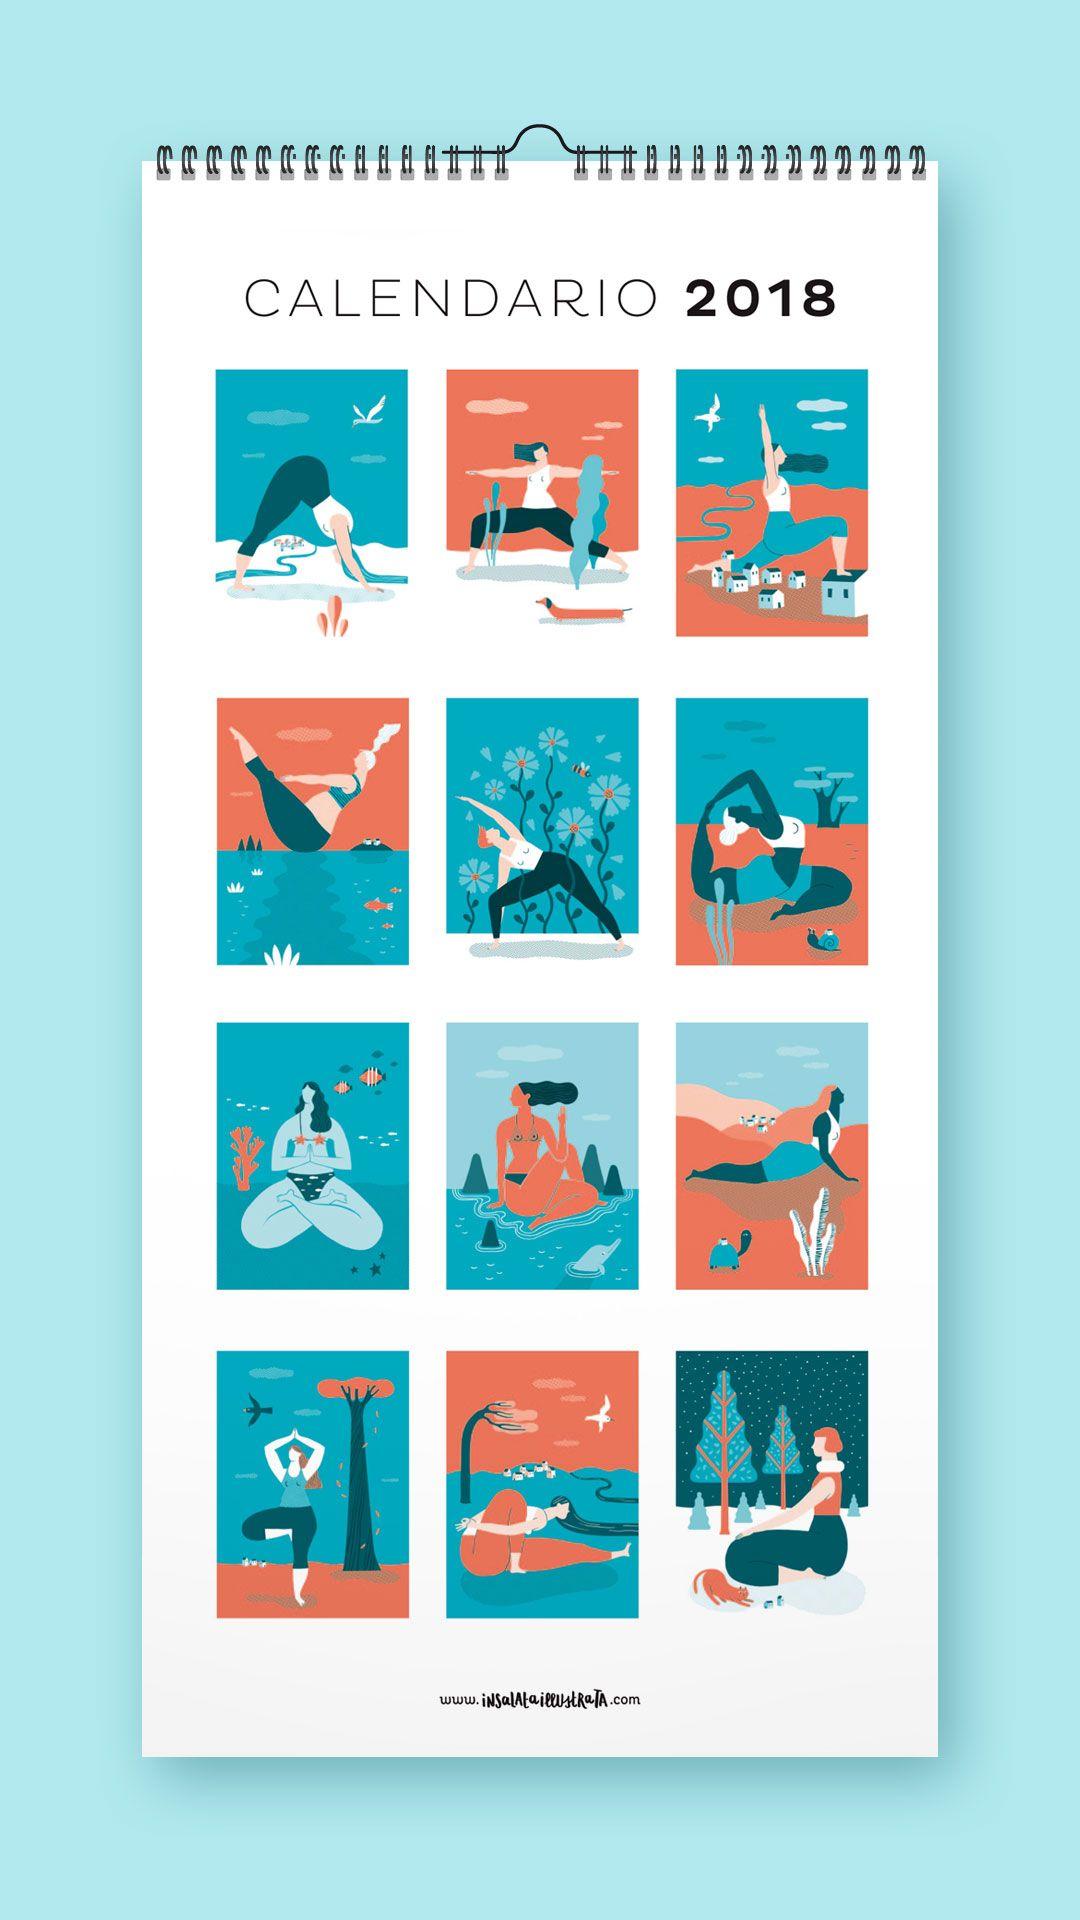 Calendario Illustrato.Calendario Yoga 2018 Calendario Illustrato Illustrazioni